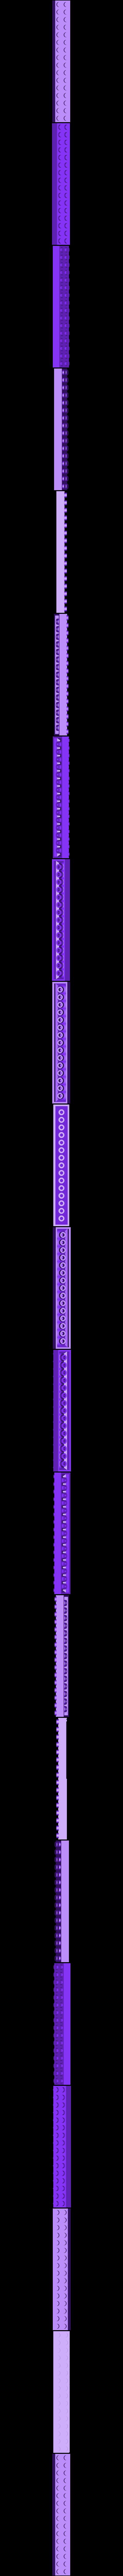 2x16brick.STL Télécharger fichier STL gratuit Blocs de lettres multicolores Lego • Plan pour impression 3D, MosaicManufacturing